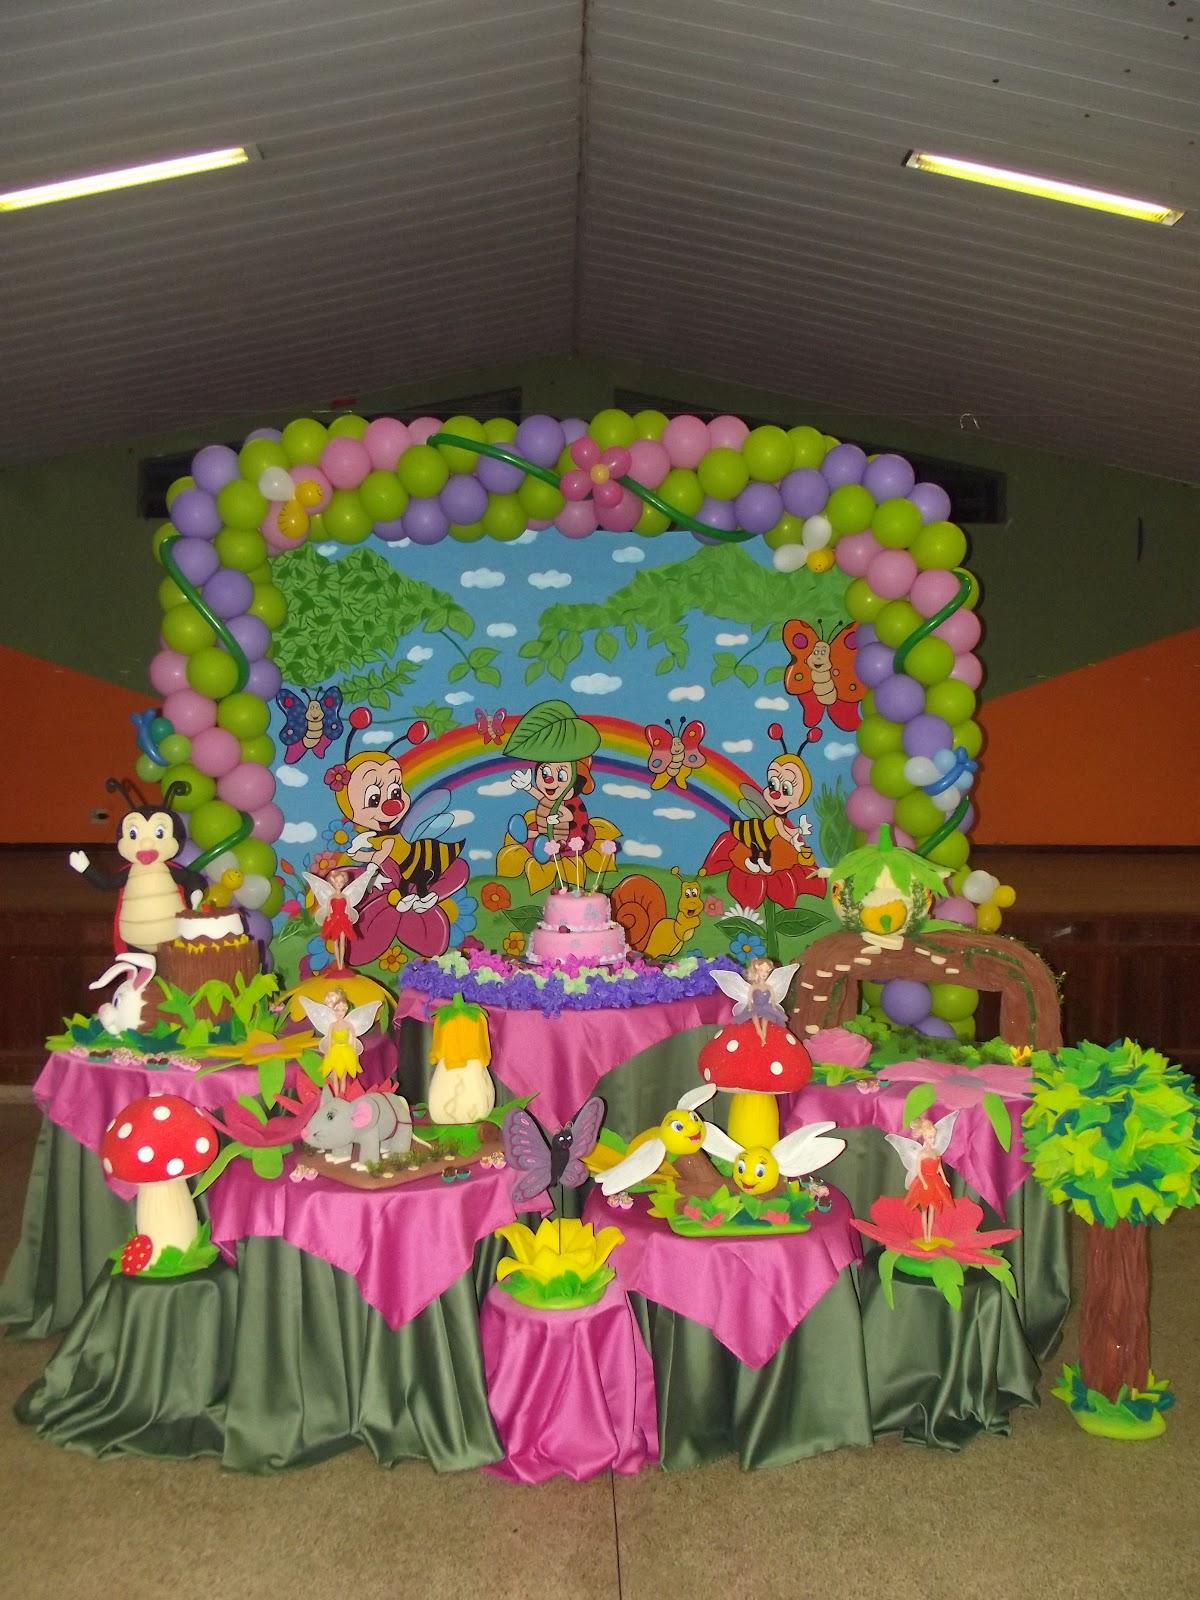 decoracao de aniversario tema jardim encantado : decoracao de aniversario tema jardim encantado: Festas e Decorações: DECORAÇÃO DE ANIVERSÁRIO DO JARDIM ENCANTADO